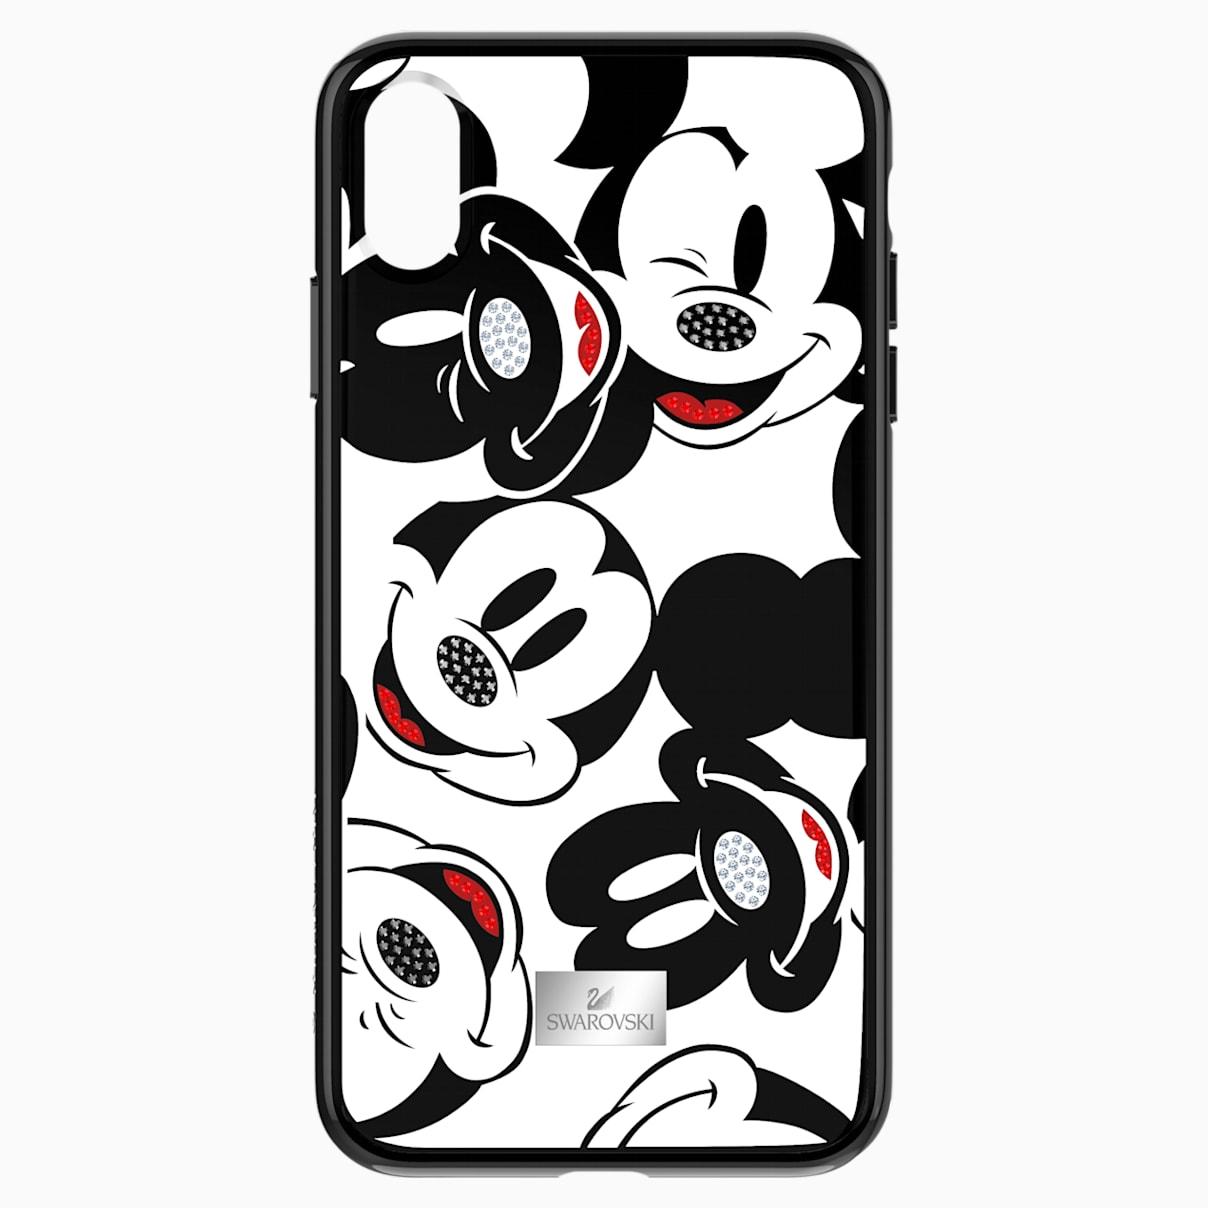 Coque rigide pour smartphone avec cadre amortisseur intégré Mickey Face, iPhone® XS Max, noir